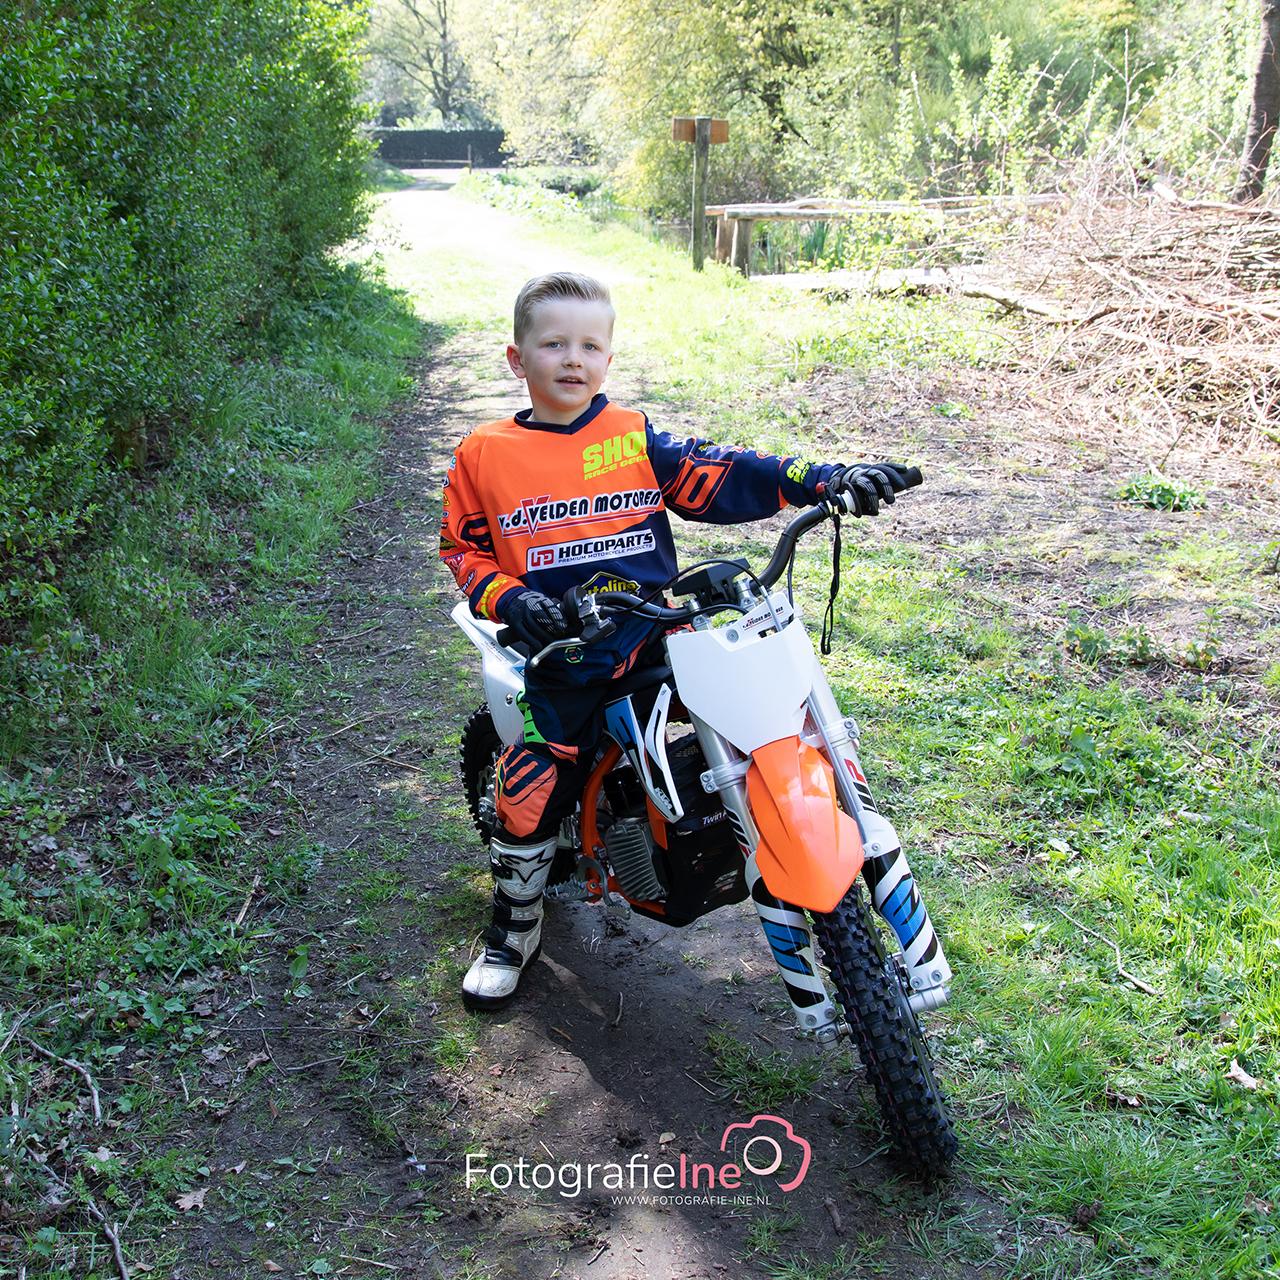 Fotografie Ine motorcrosser Sem van der Velden Boekel